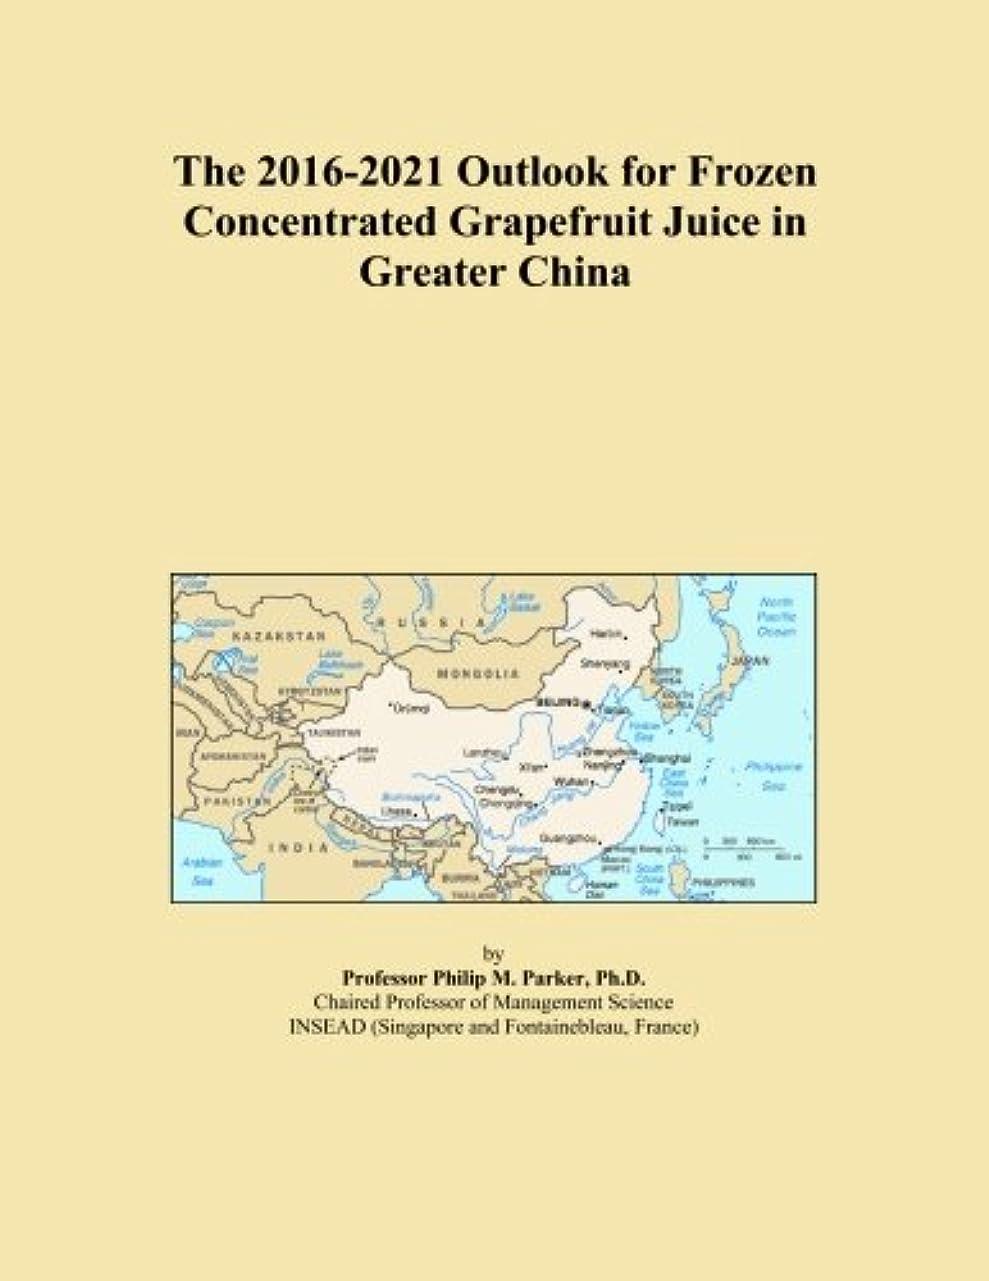 アヒル攻撃的印象的なThe 2016-2021 Outlook for Frozen Concentrated Grapefruit Juice in Greater China